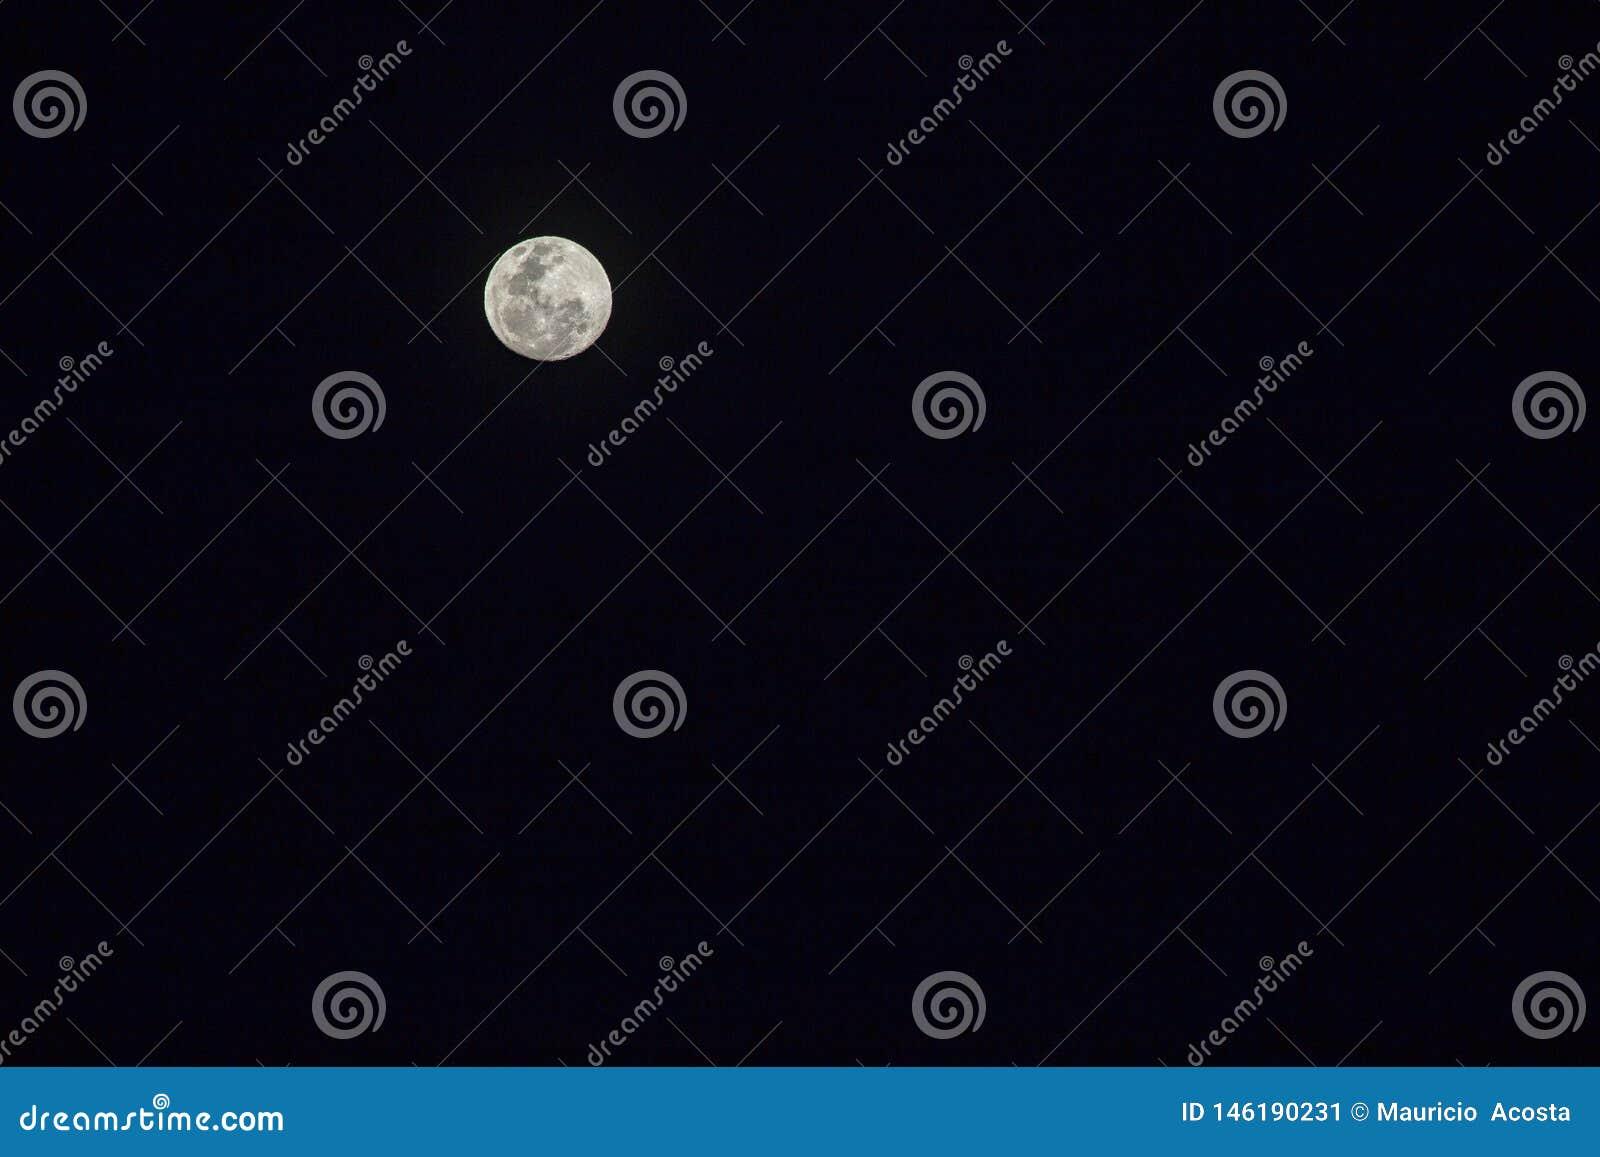 Księżyc jeden dzień przed księżyc w pełni